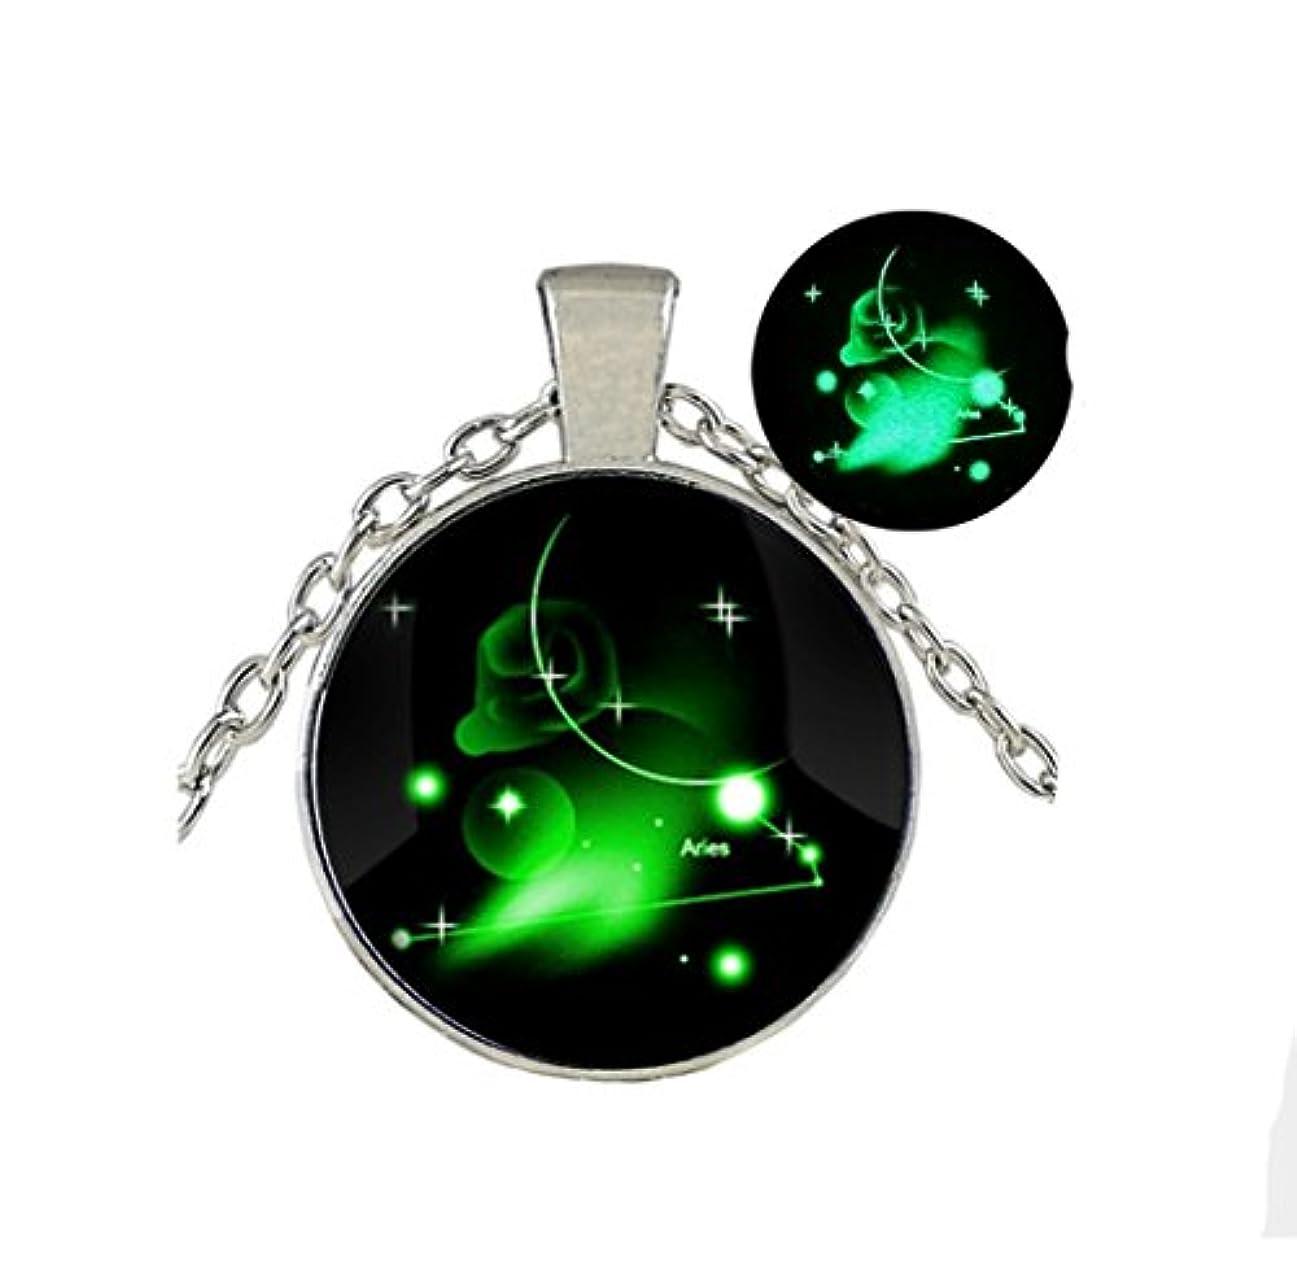 埋めるスリル胴体Glow in the Dark /グローネックレス/ Glowing Jewely / Constellation Ariesジュエリー